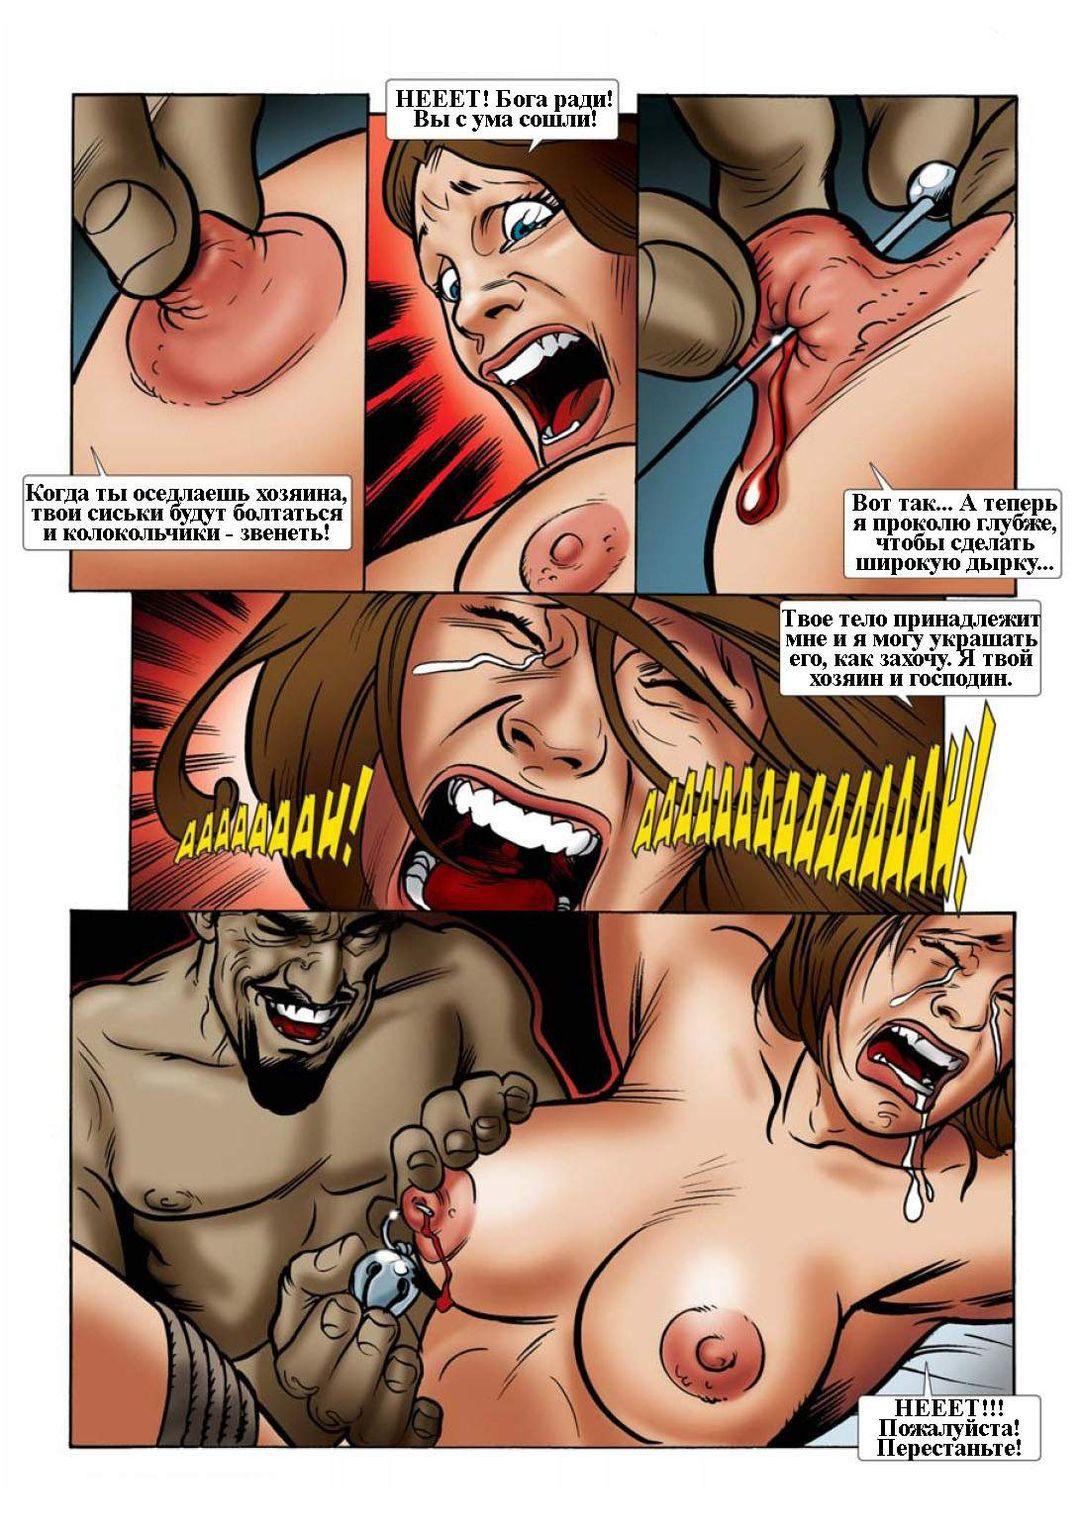 enelo-vdeo-porno